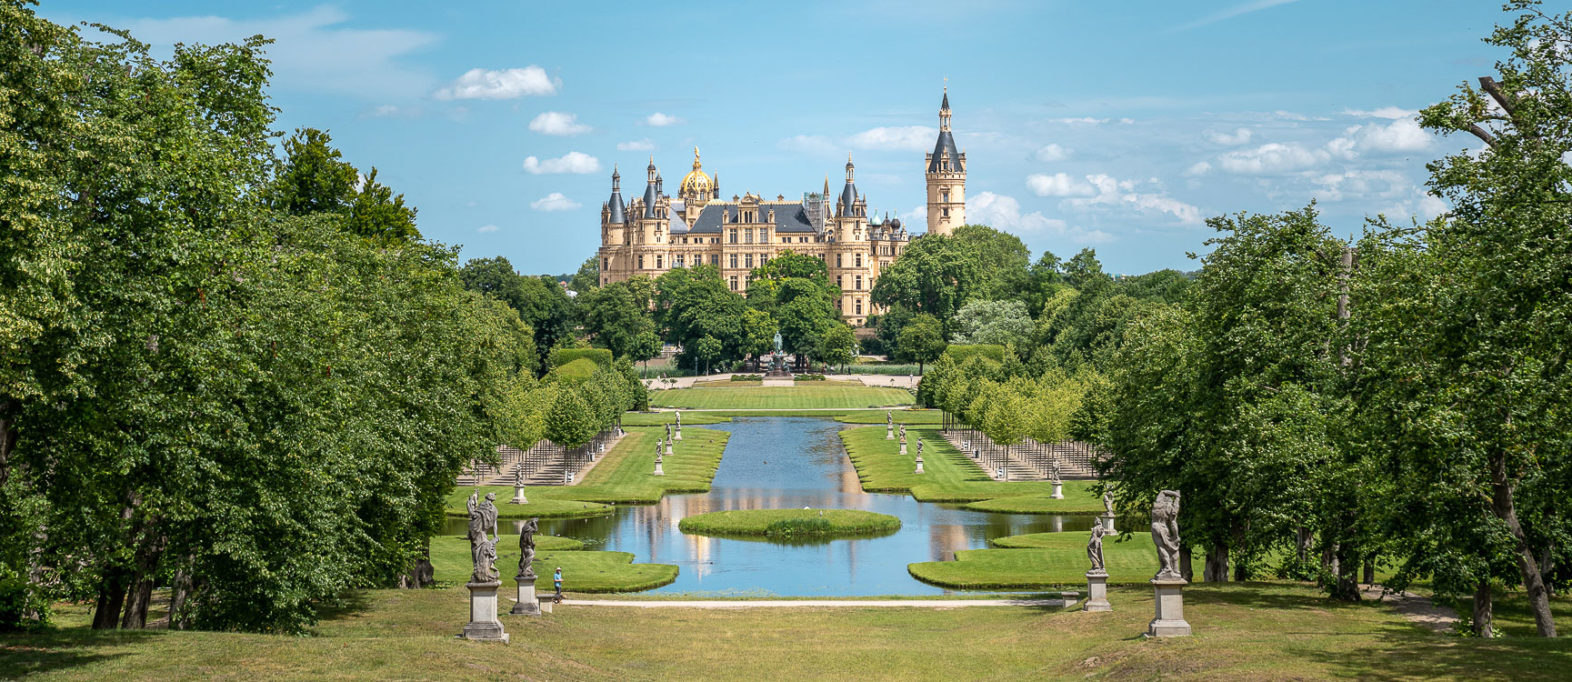 Sehenswürdigkeiten Schweriner Schloss